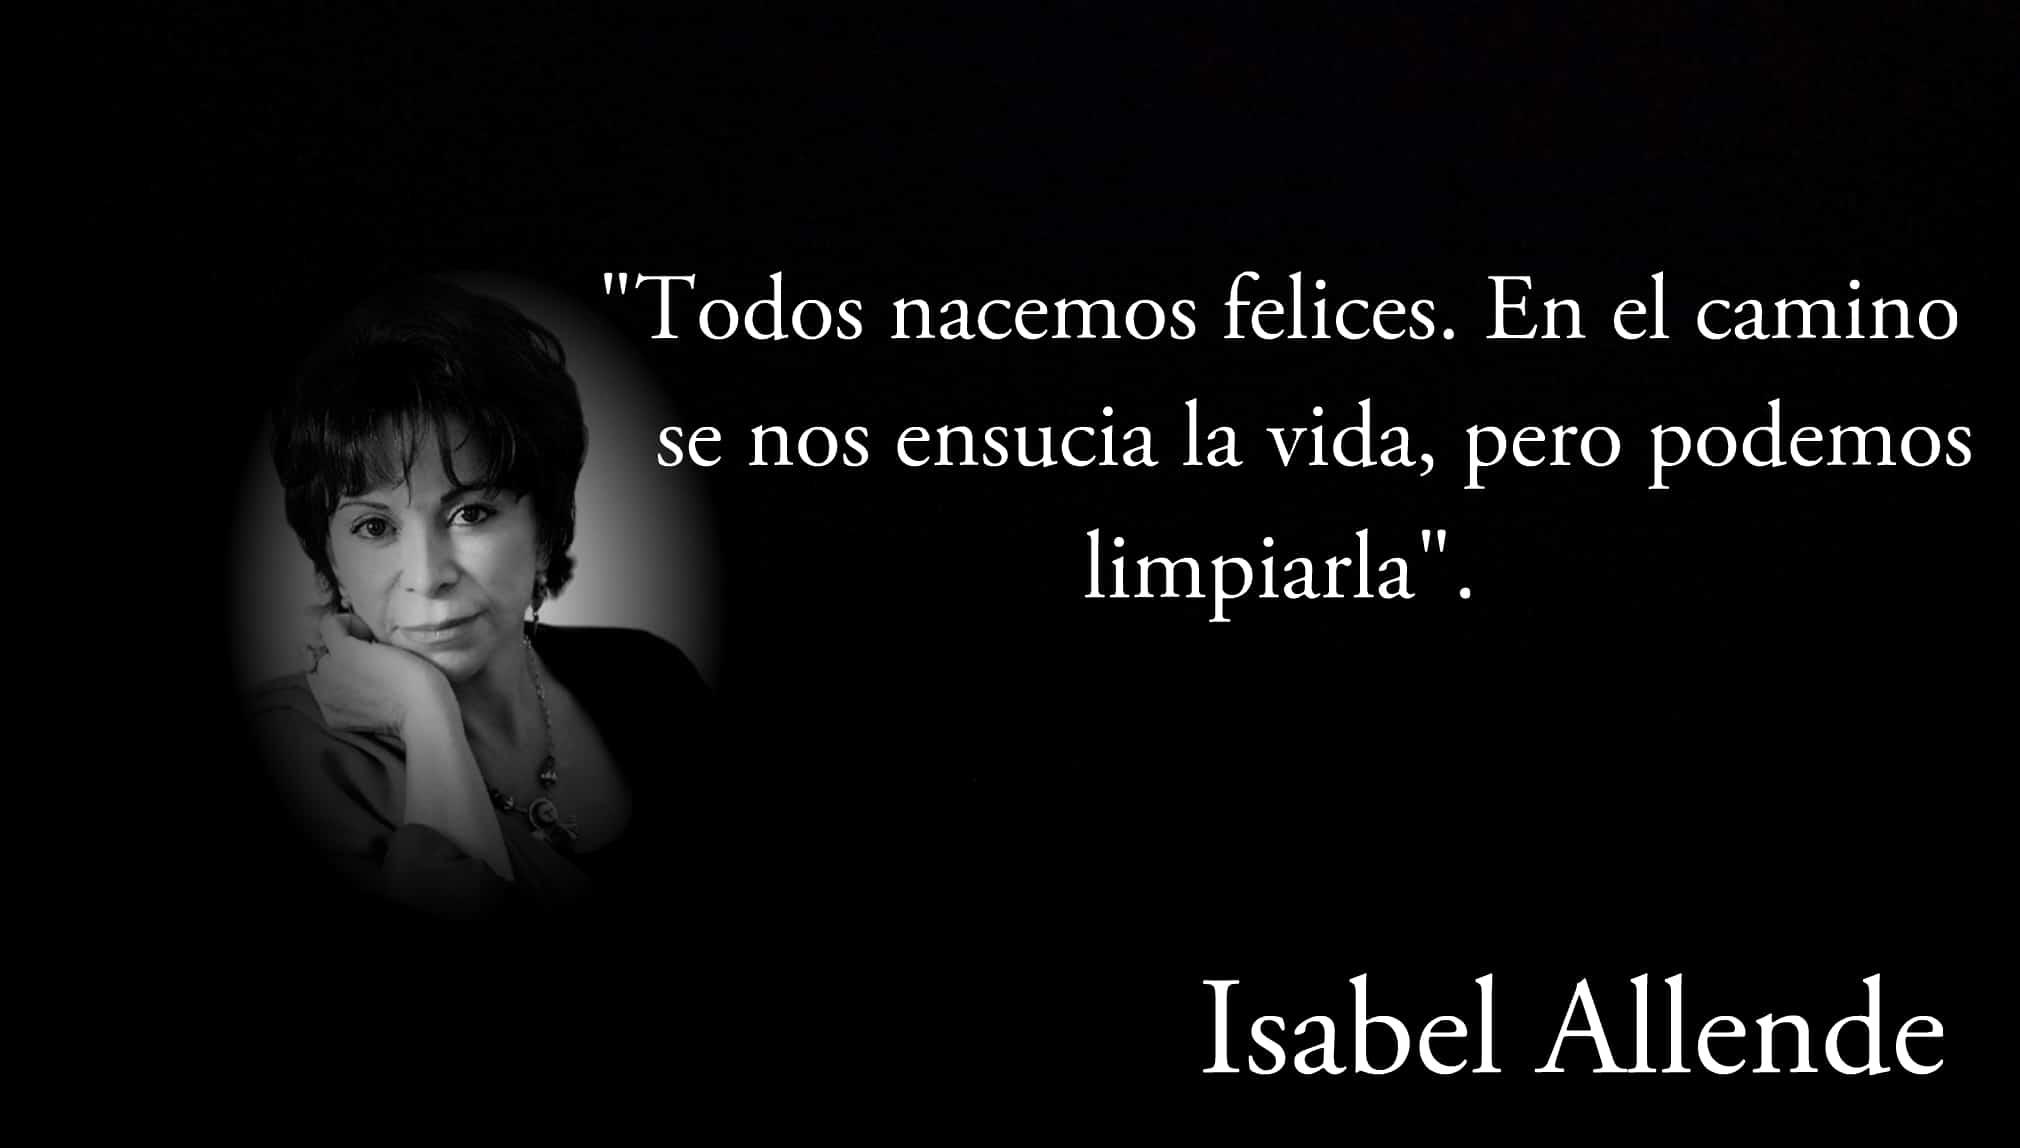 Frase de Isabel Allende.